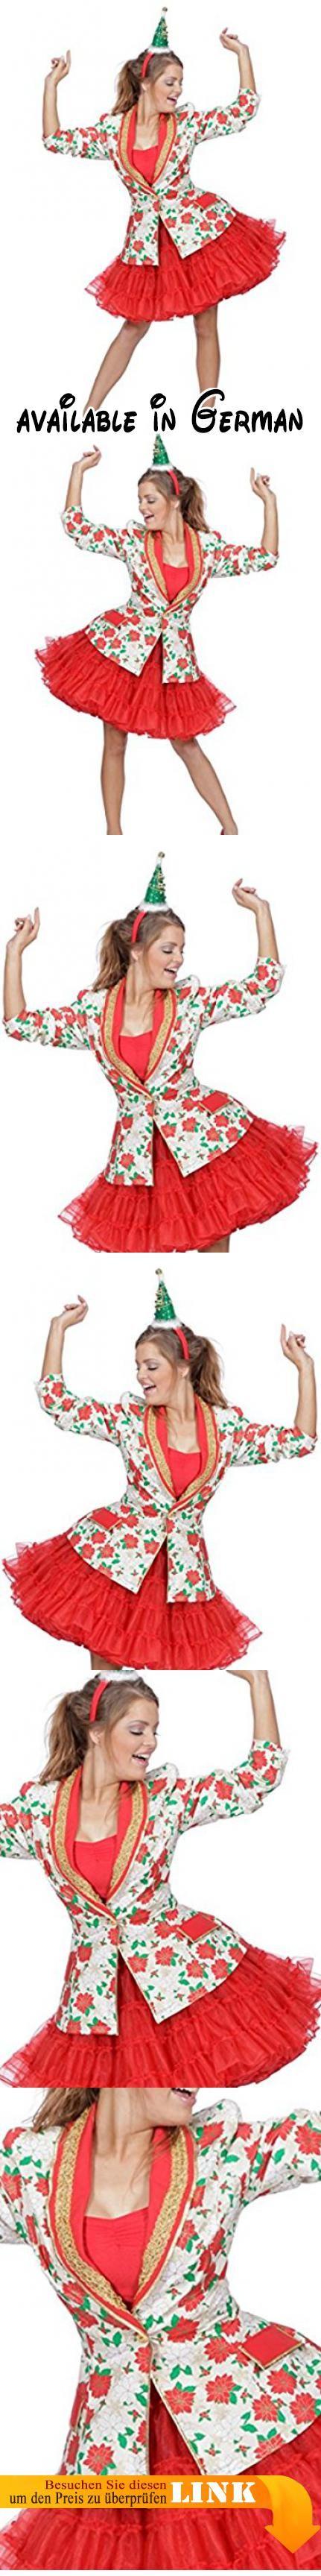 Die besten 25+ Weihnachtsfrau kostüm Ideen auf Pinterest ...